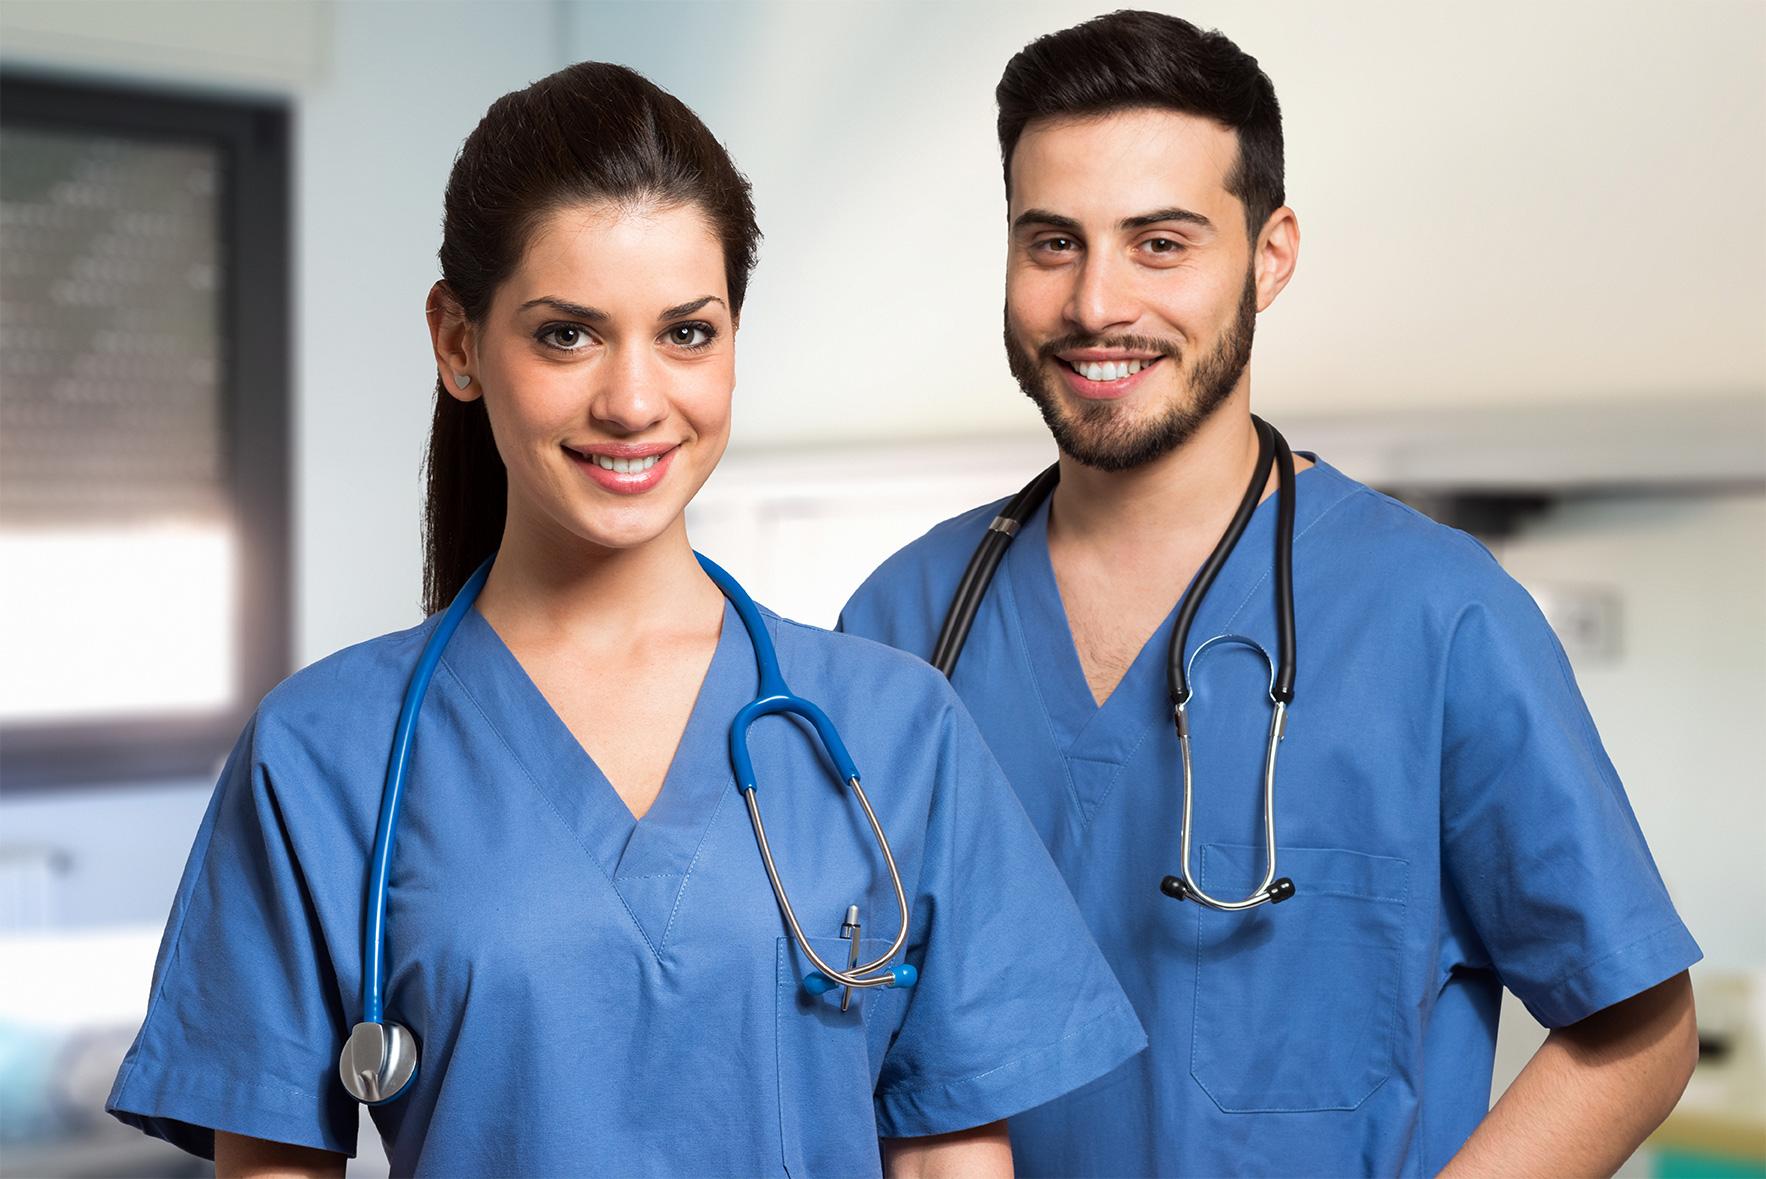 Medical-workers-1.jpg